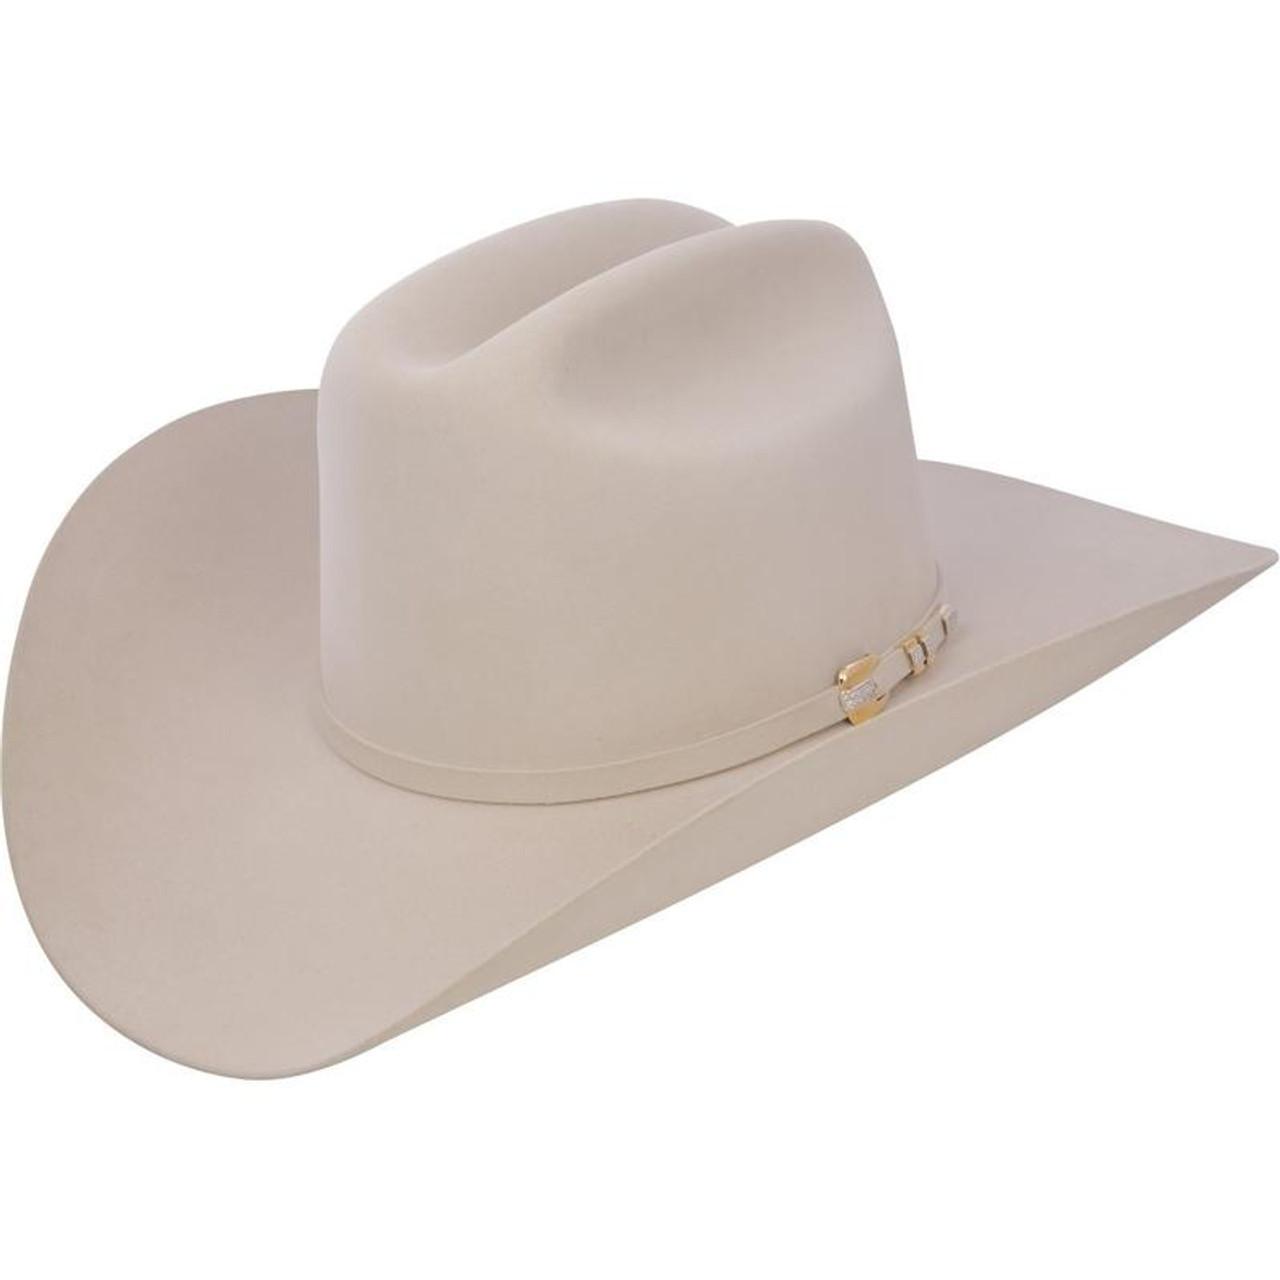 bb76e635 1000X Stetson Diamante Hat Made With Premium Chinchilla/Beaver - Silver  Belly